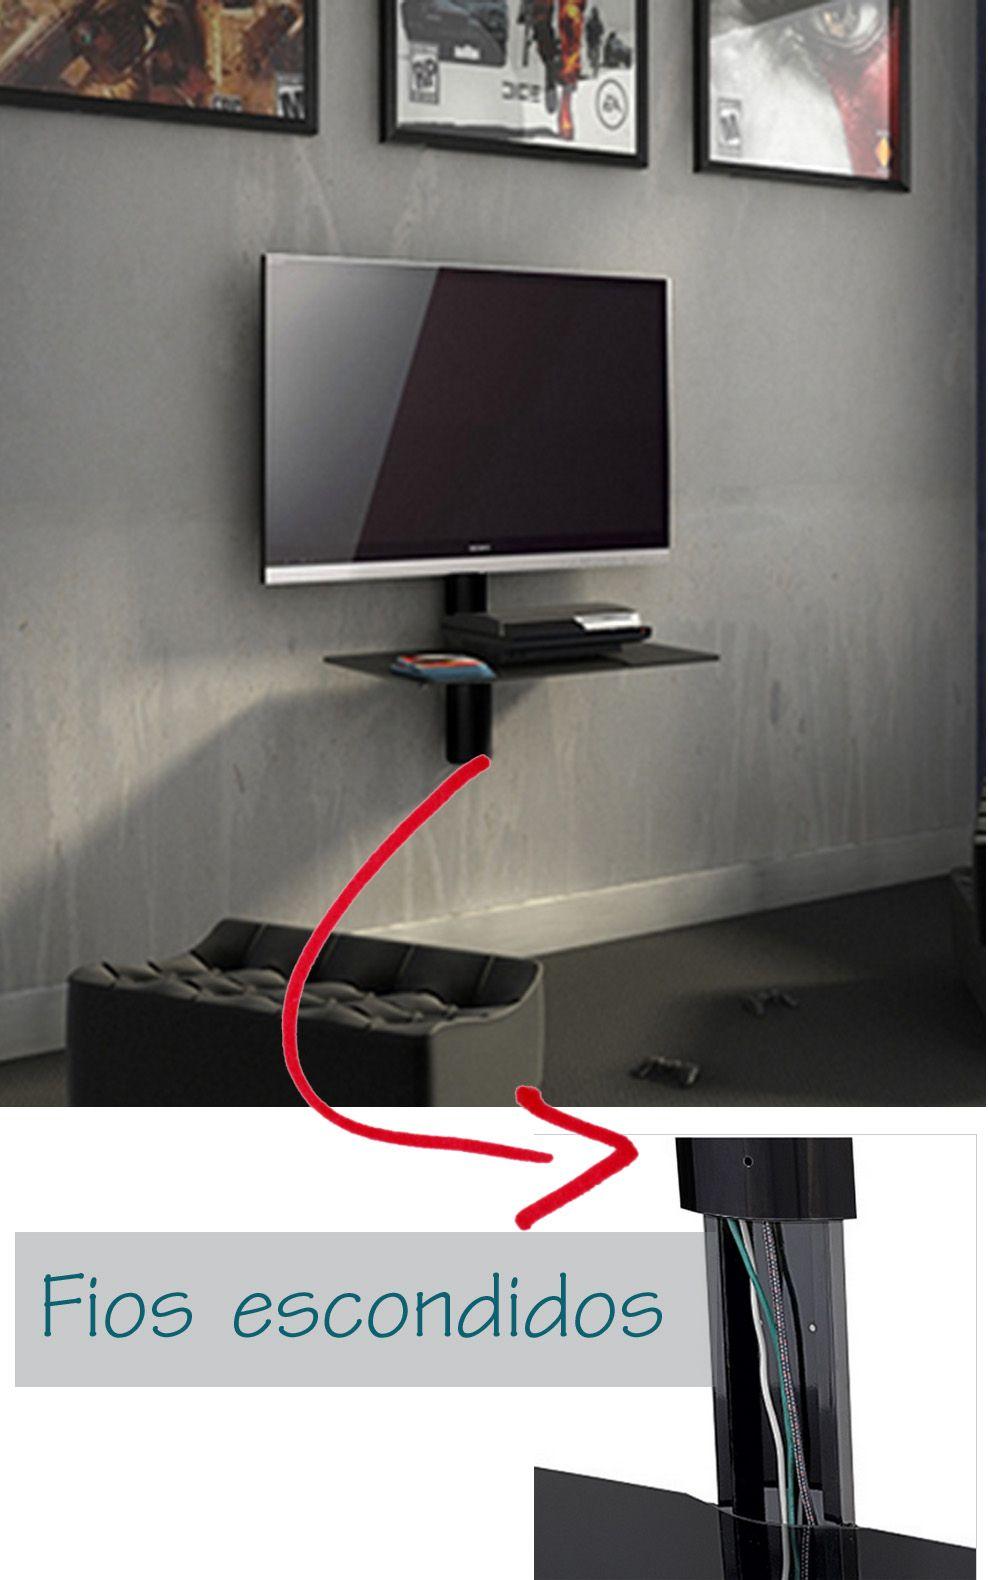 Tv na Parede com Fios Escondidos